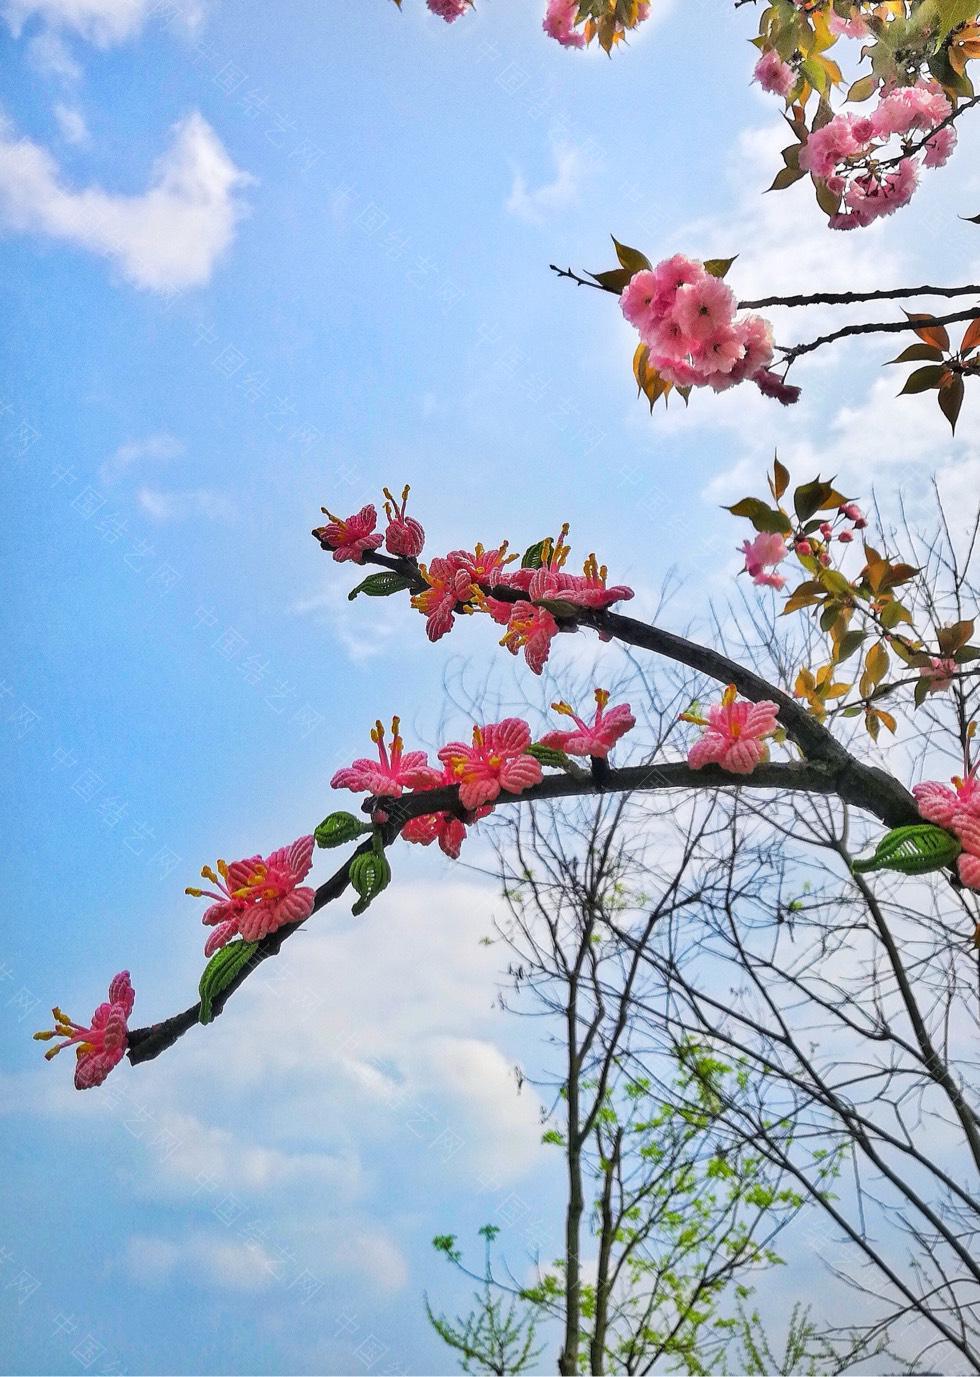 中国结论坛 桃花朵朵开  作品展示 213605kmkjfa2qr7j7gg87